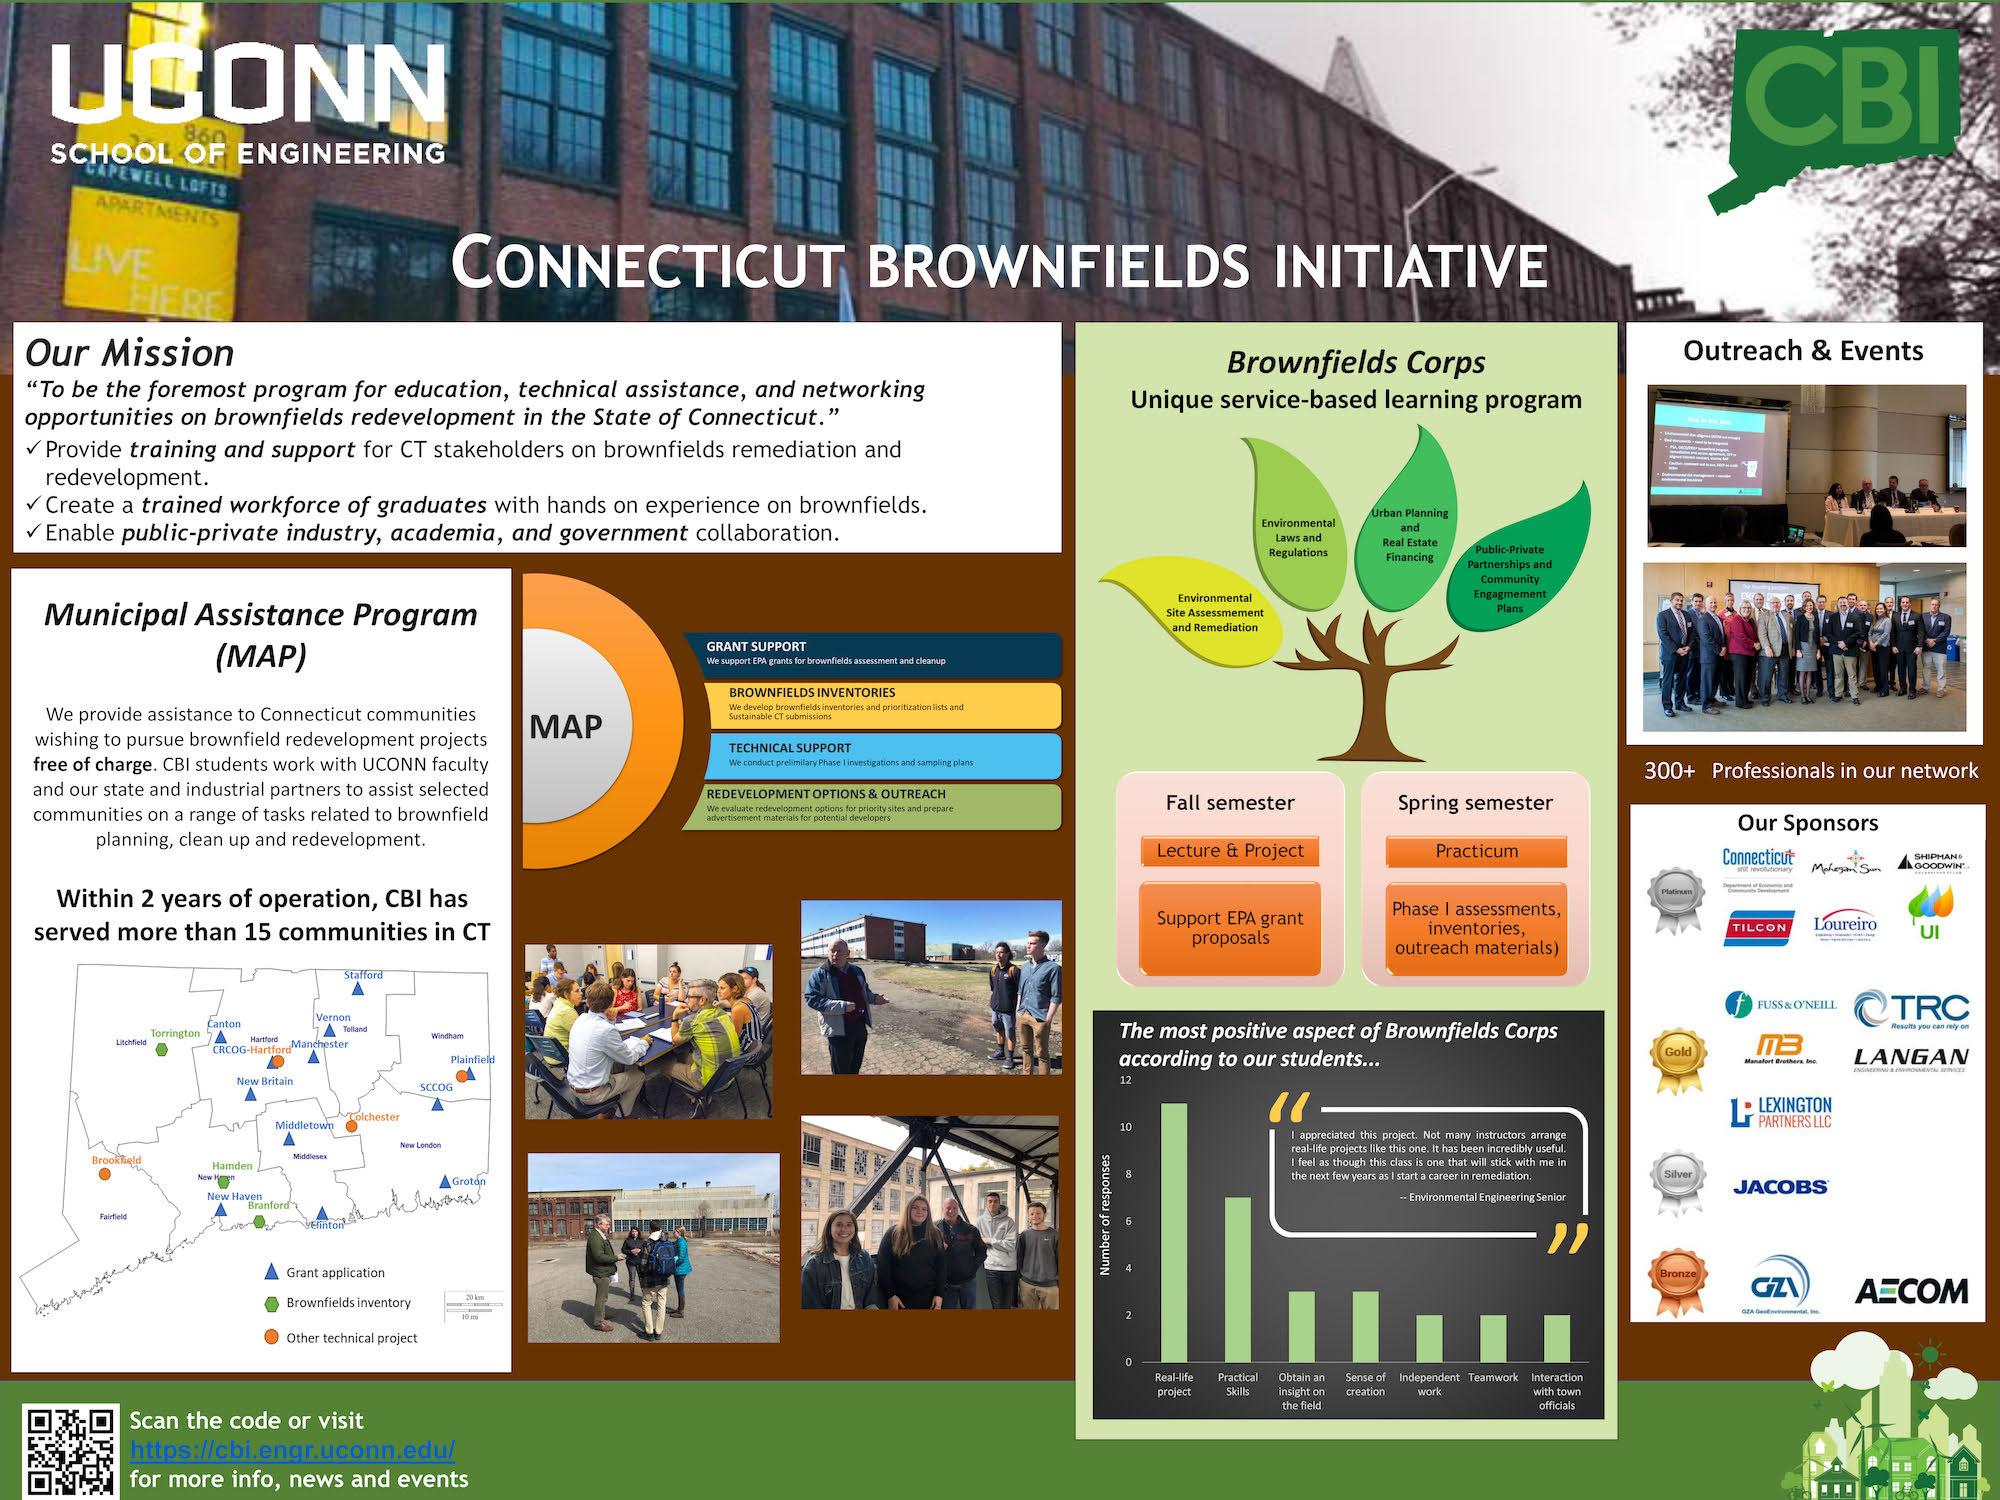 connecticut brownfields initiative